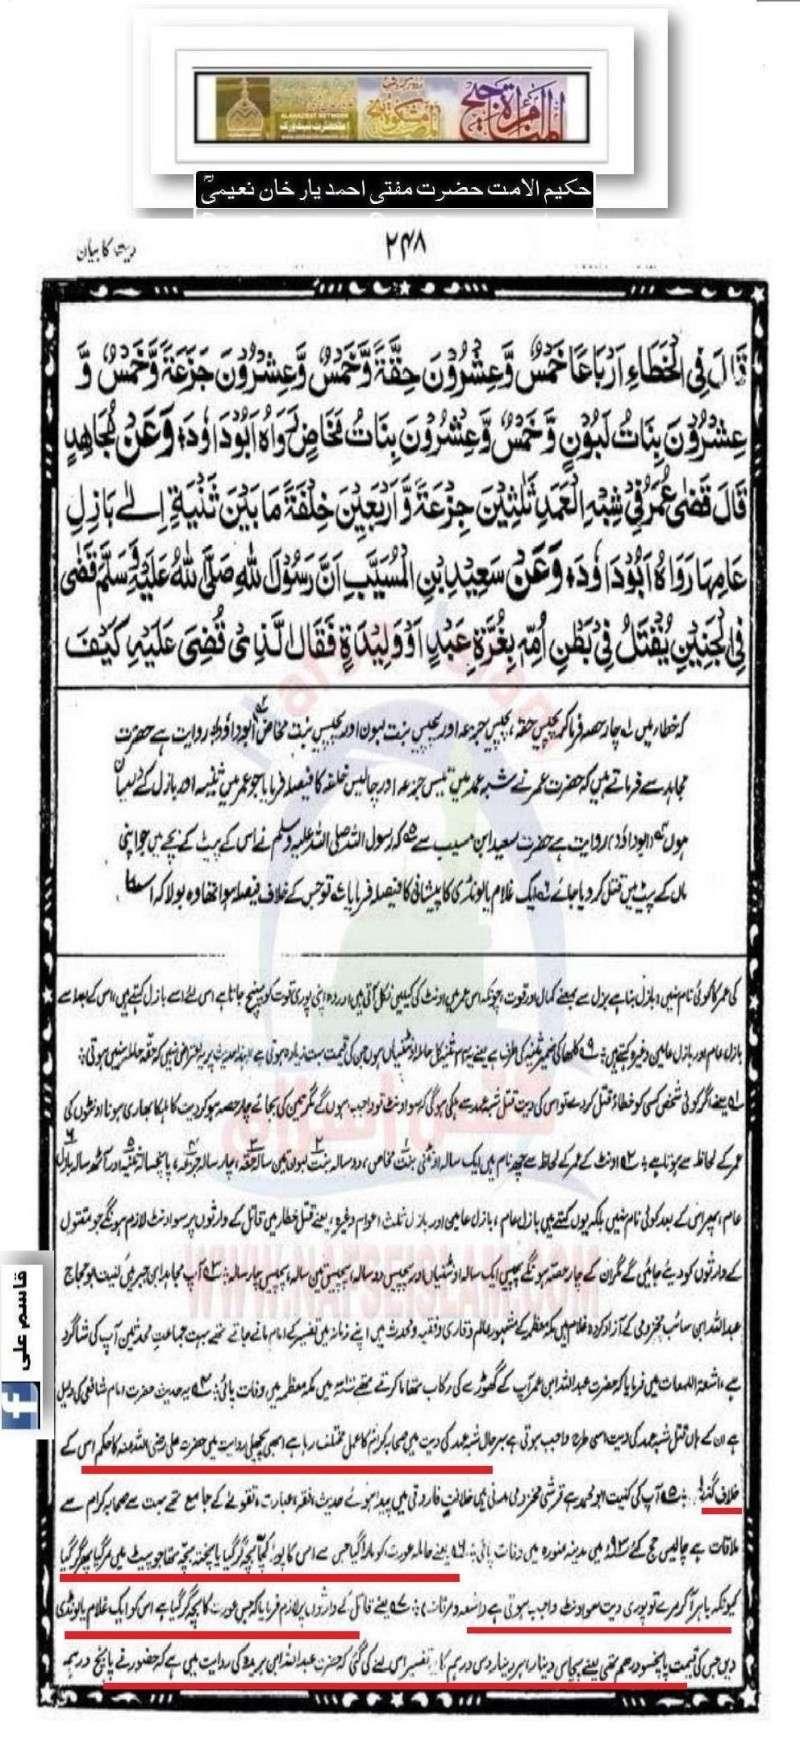 دیت کی جعلی فتوی فیکٹری پر منہاج القرآن کی فتح کا جھنڈا - Page 2 16_d10